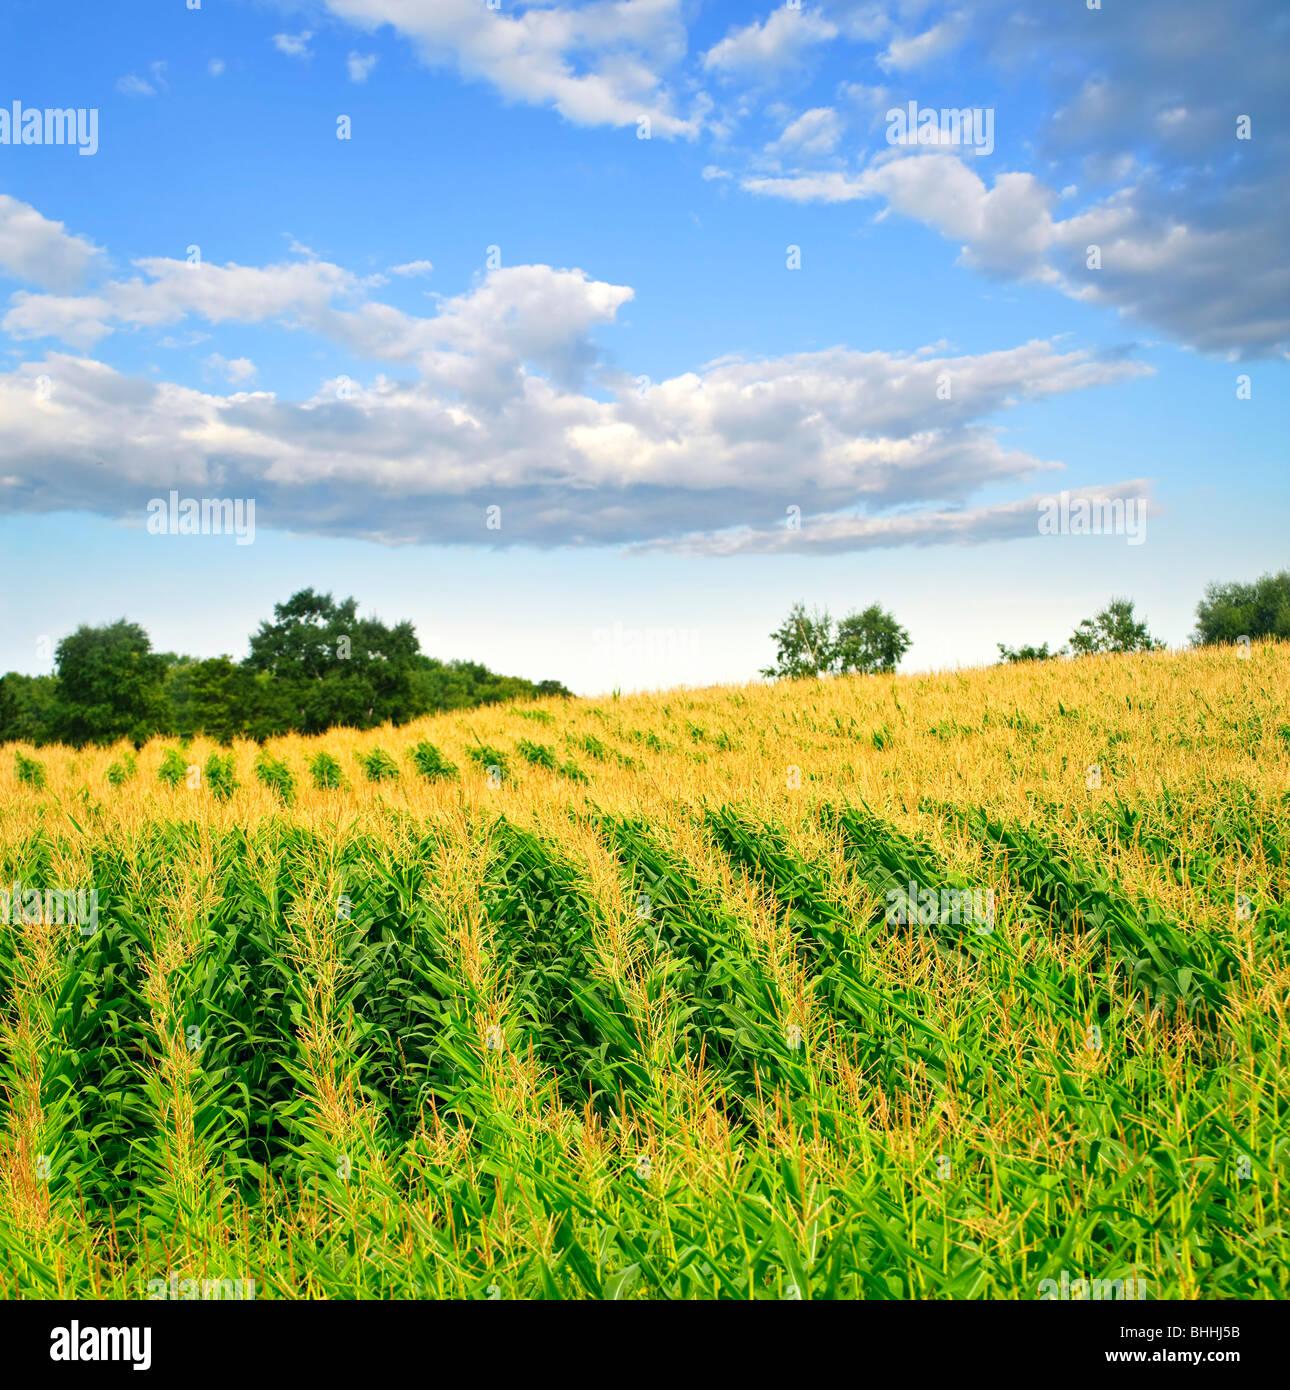 Il paesaggio agricolo del campo di mais su piccola scala azienda agricola sostenibile Immagini Stock